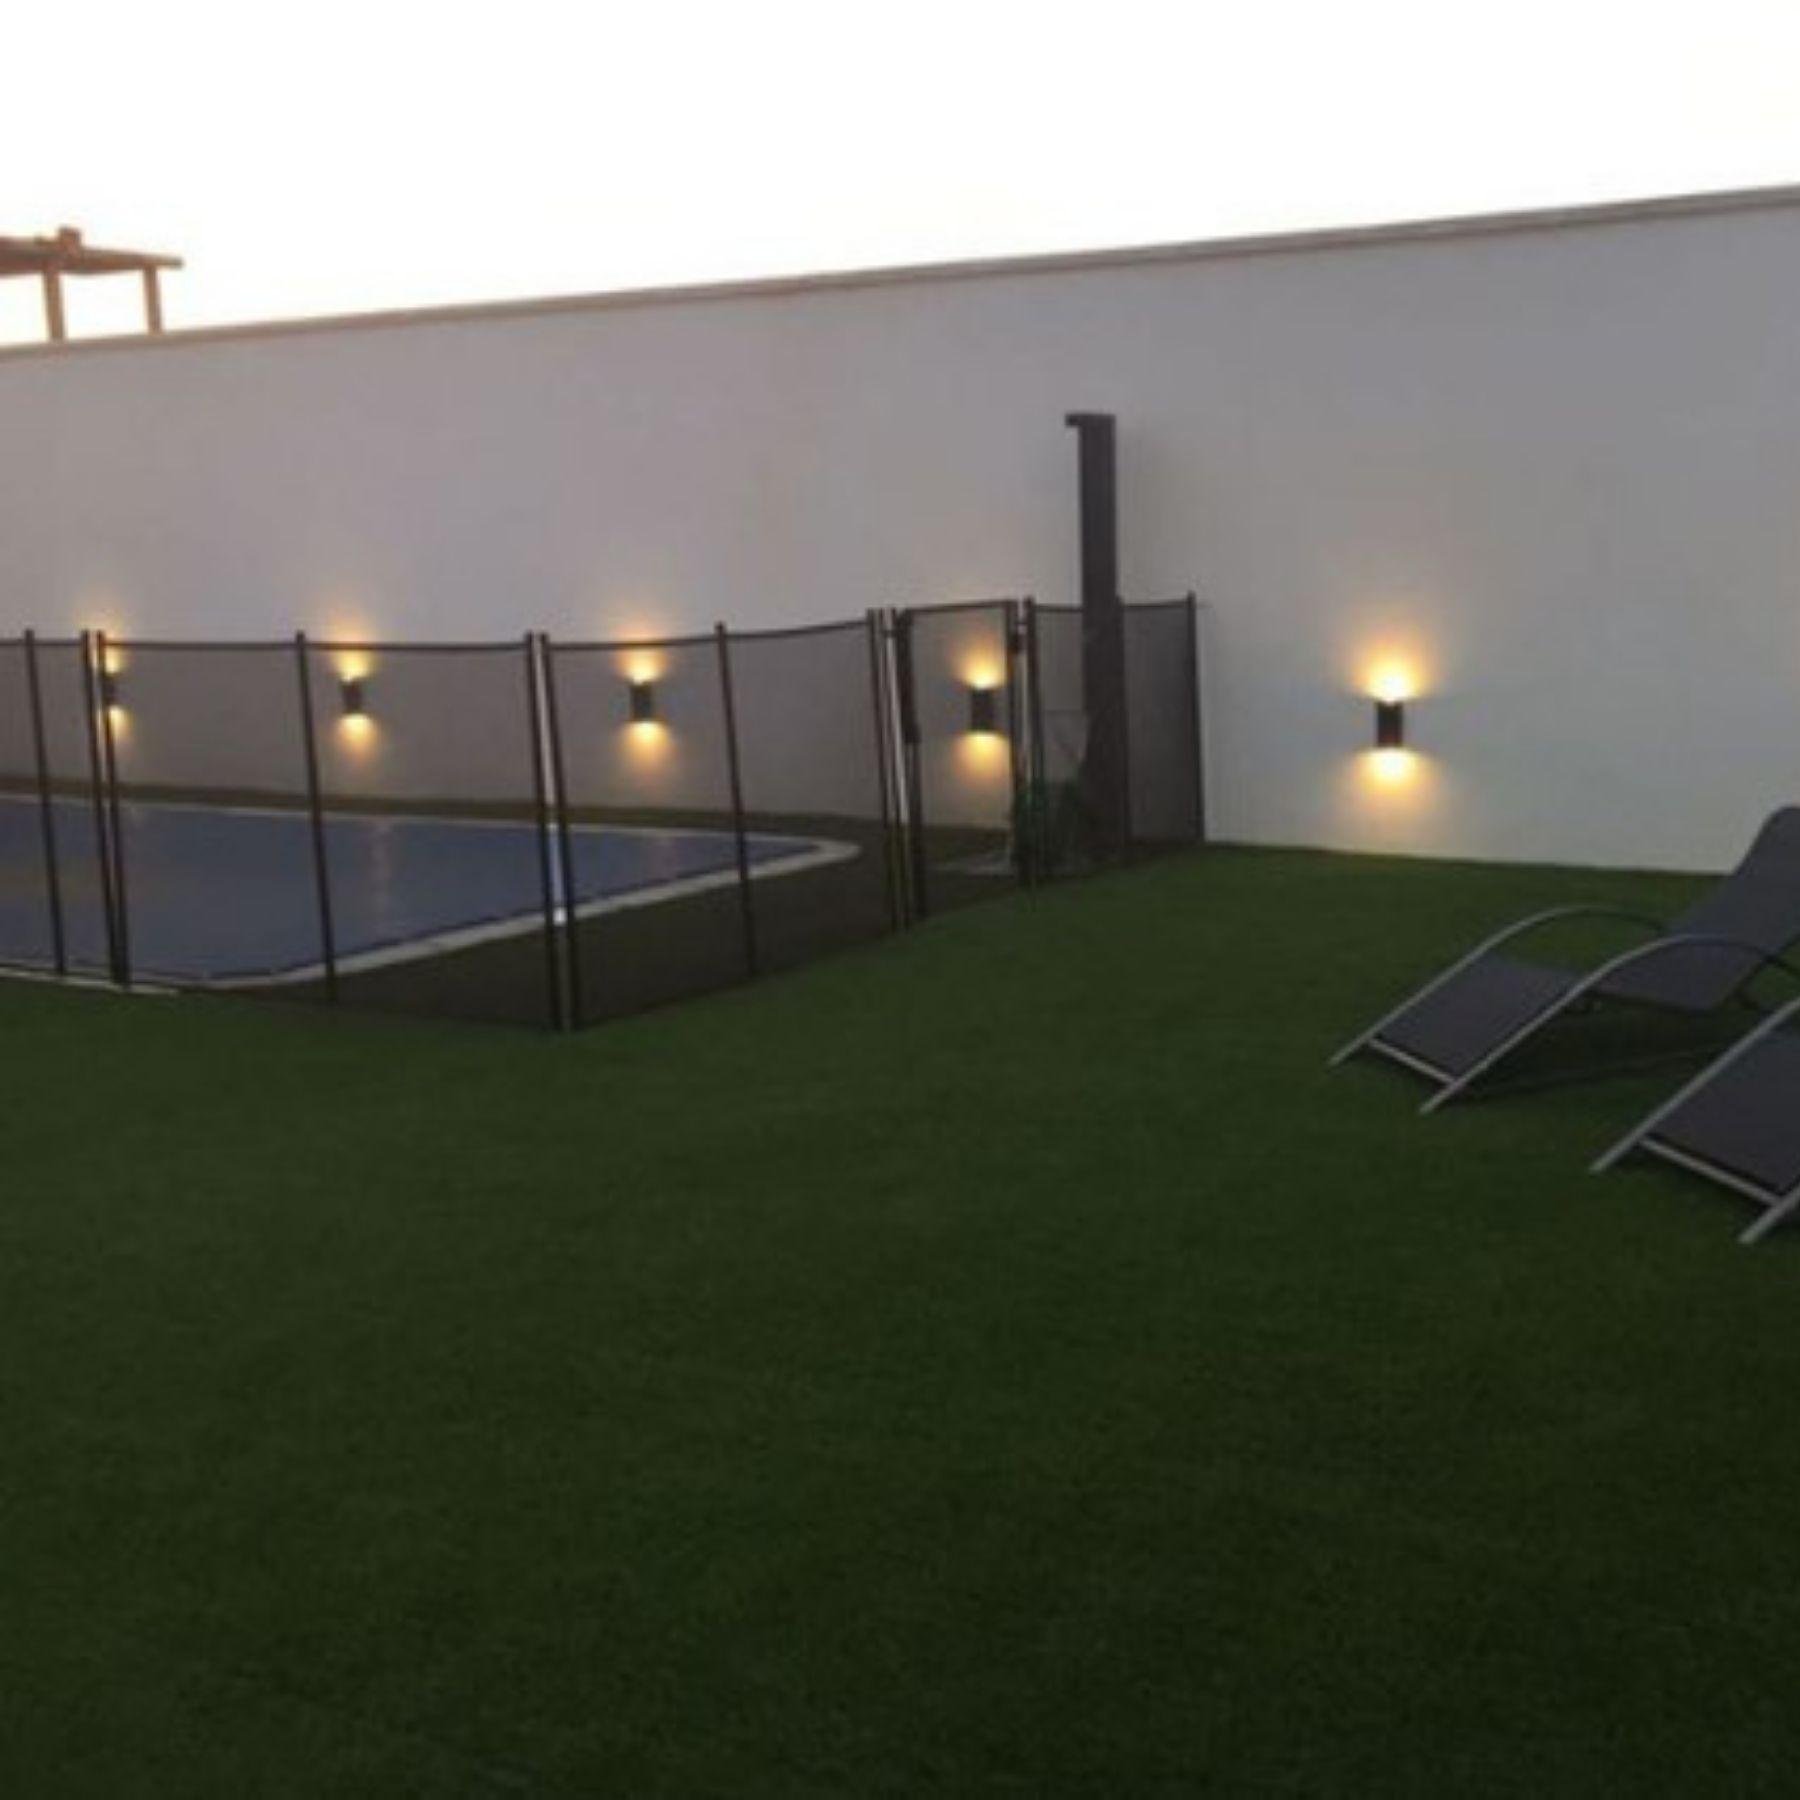 iluminación jardín piscina led solar